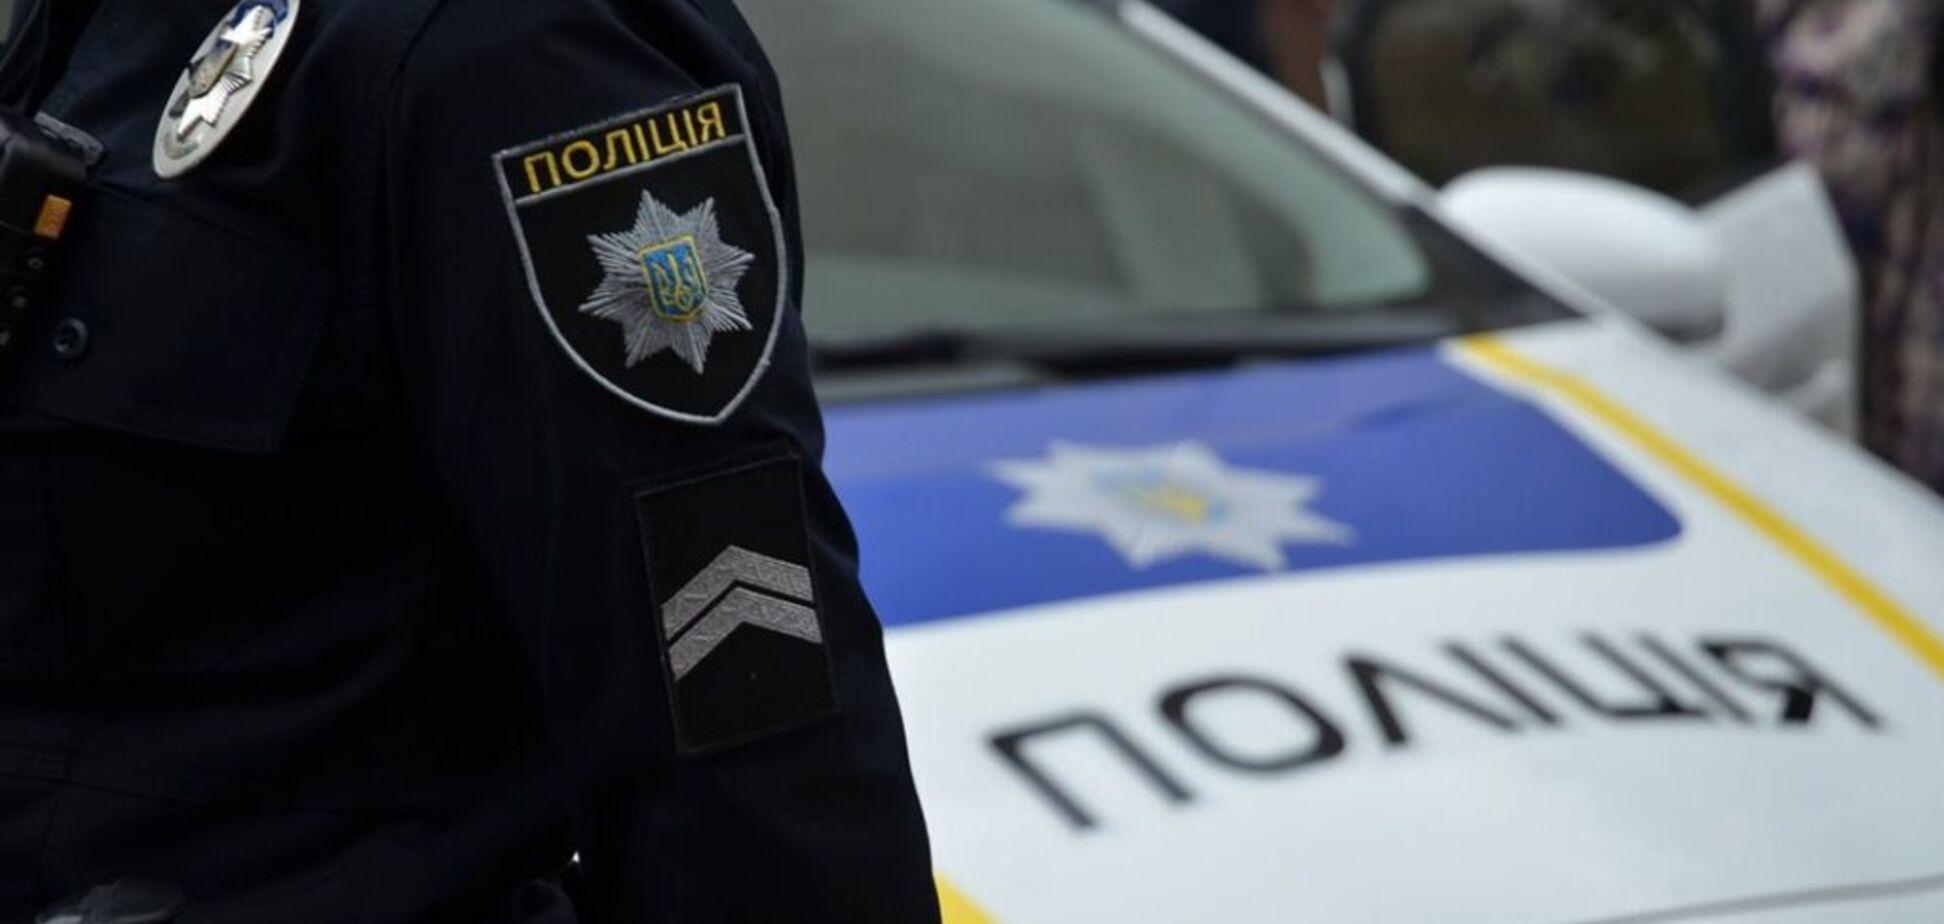 Бандиты ограбили ювелирный магазин на Одесщине